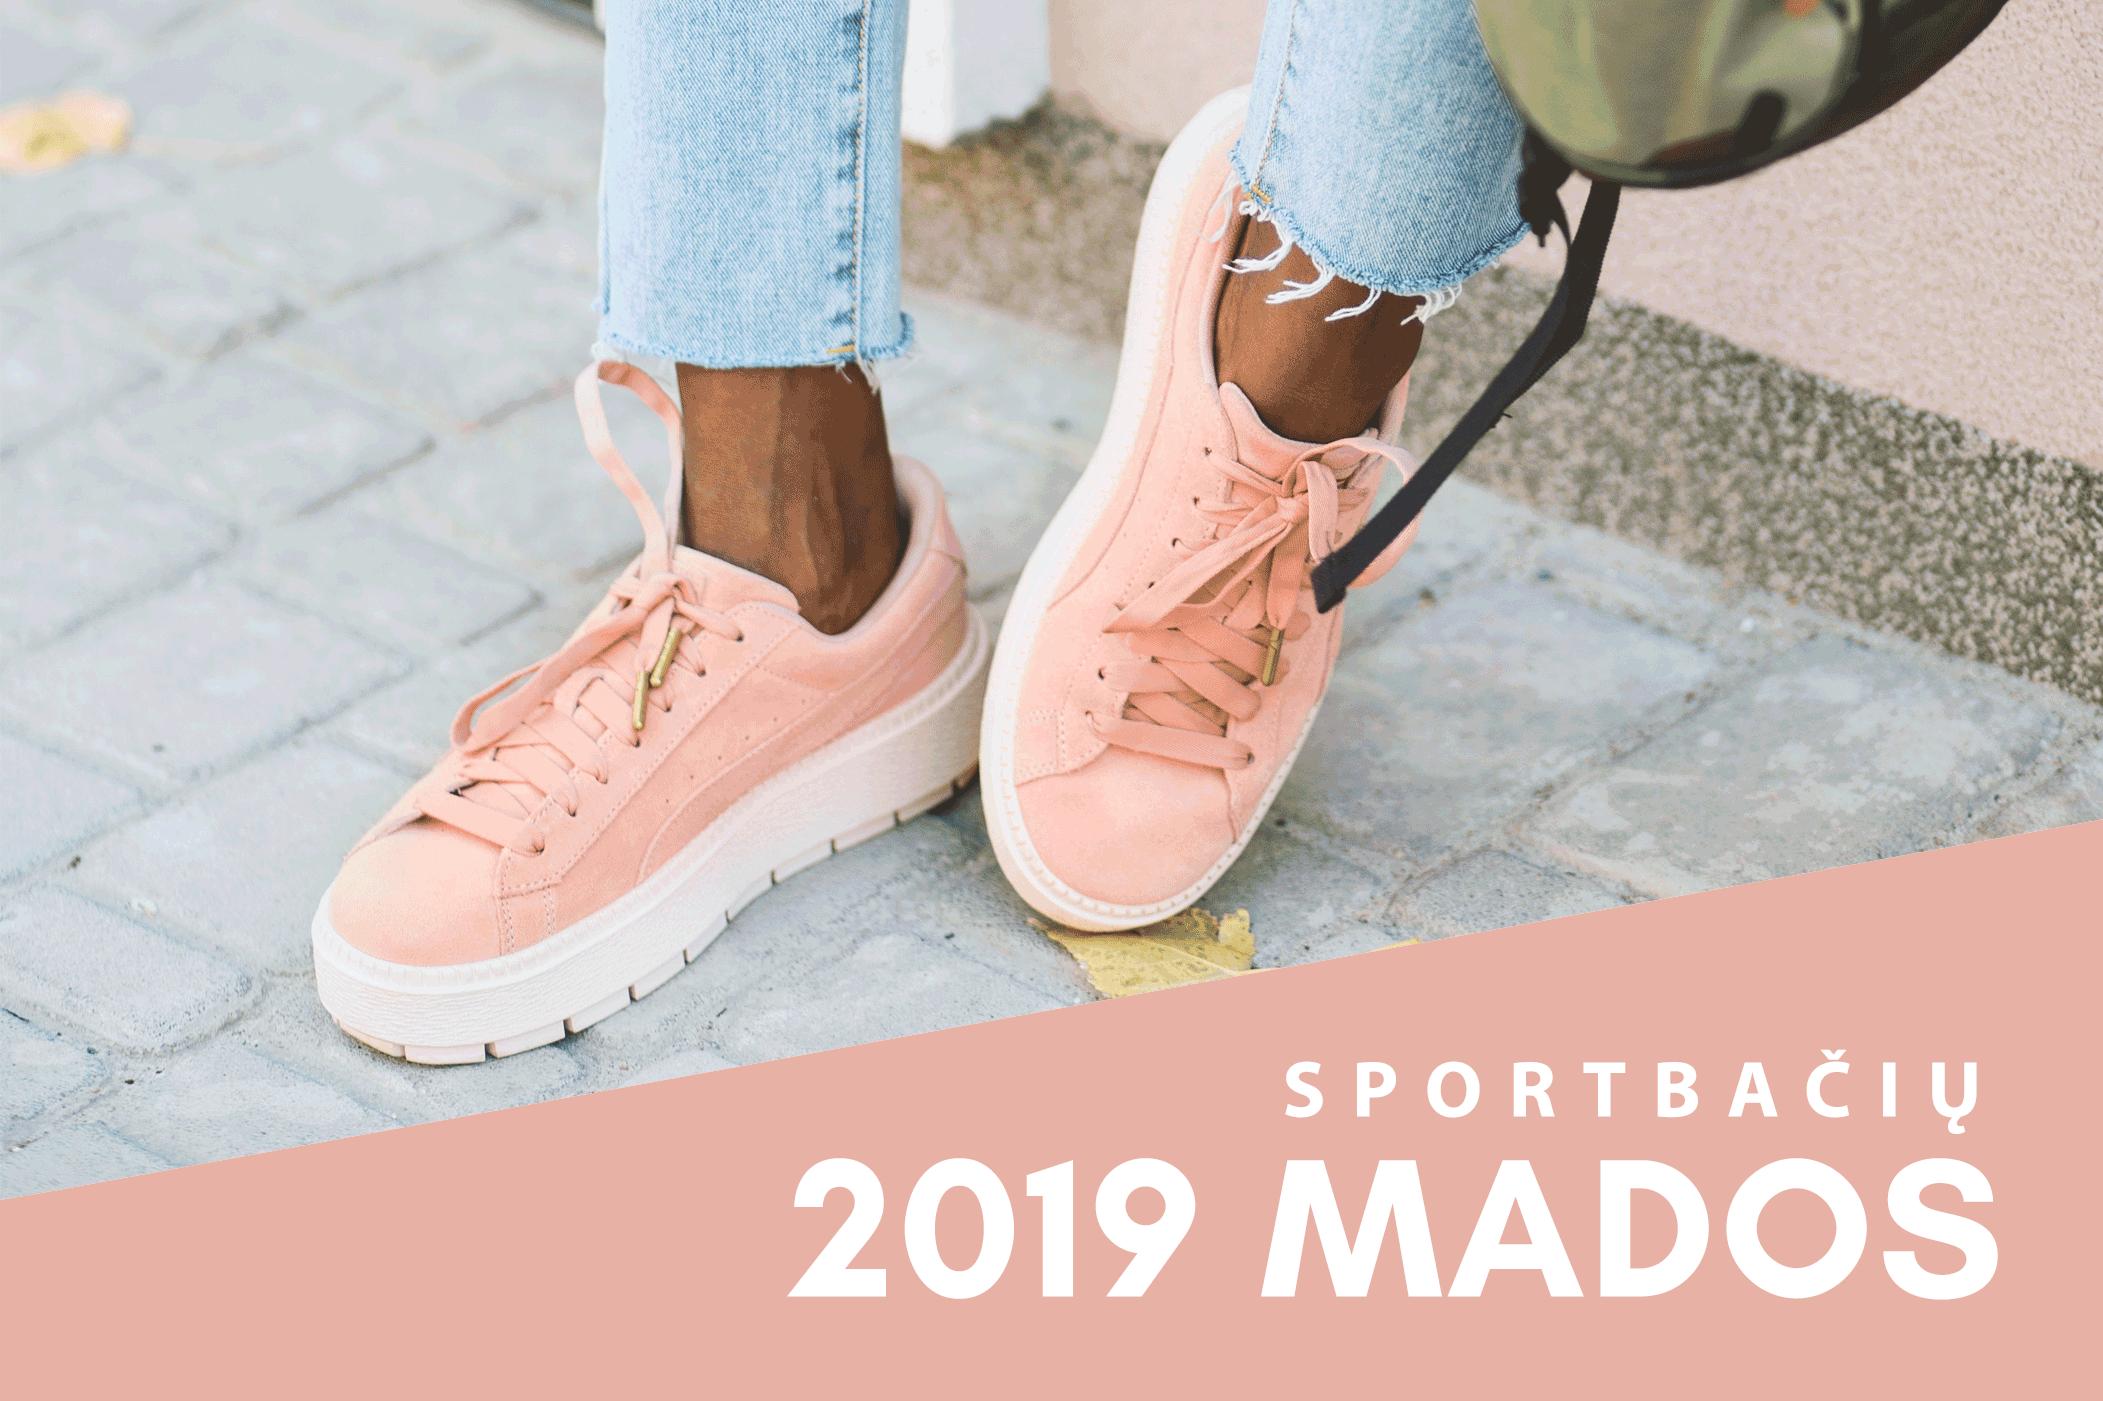 Geidžiamiausi 2019 metų sportbačiai: ką šiemet renkasi madingiausi?